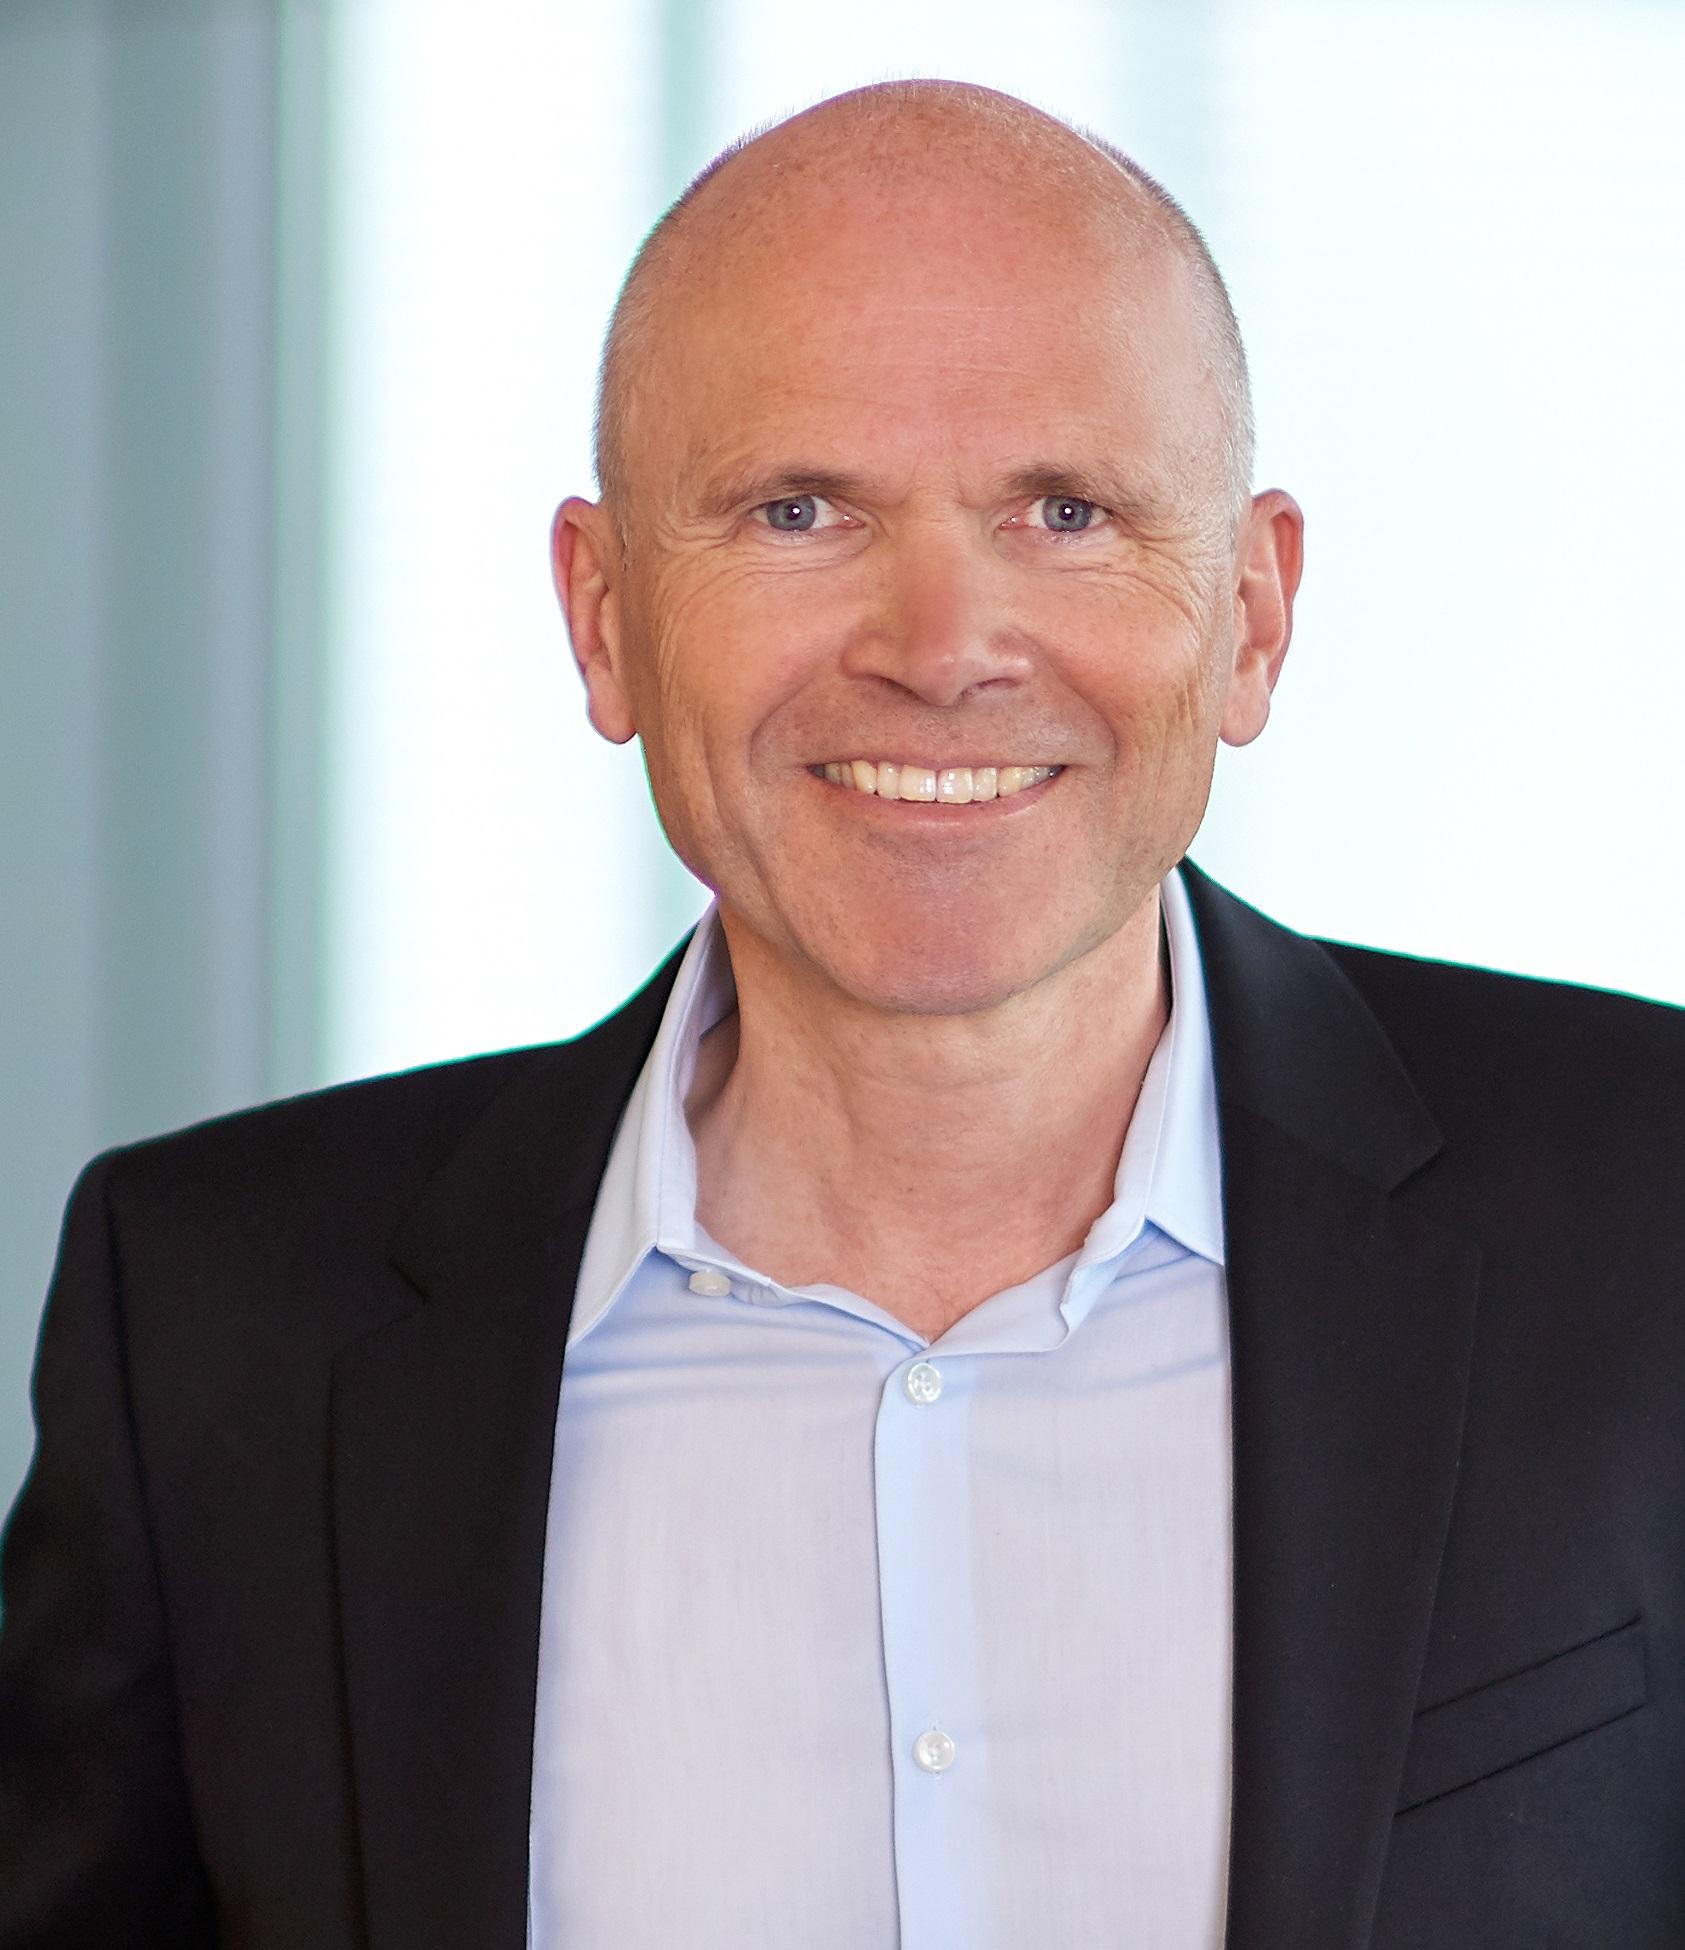 Prof. Dr. Dirk Holtbrügge